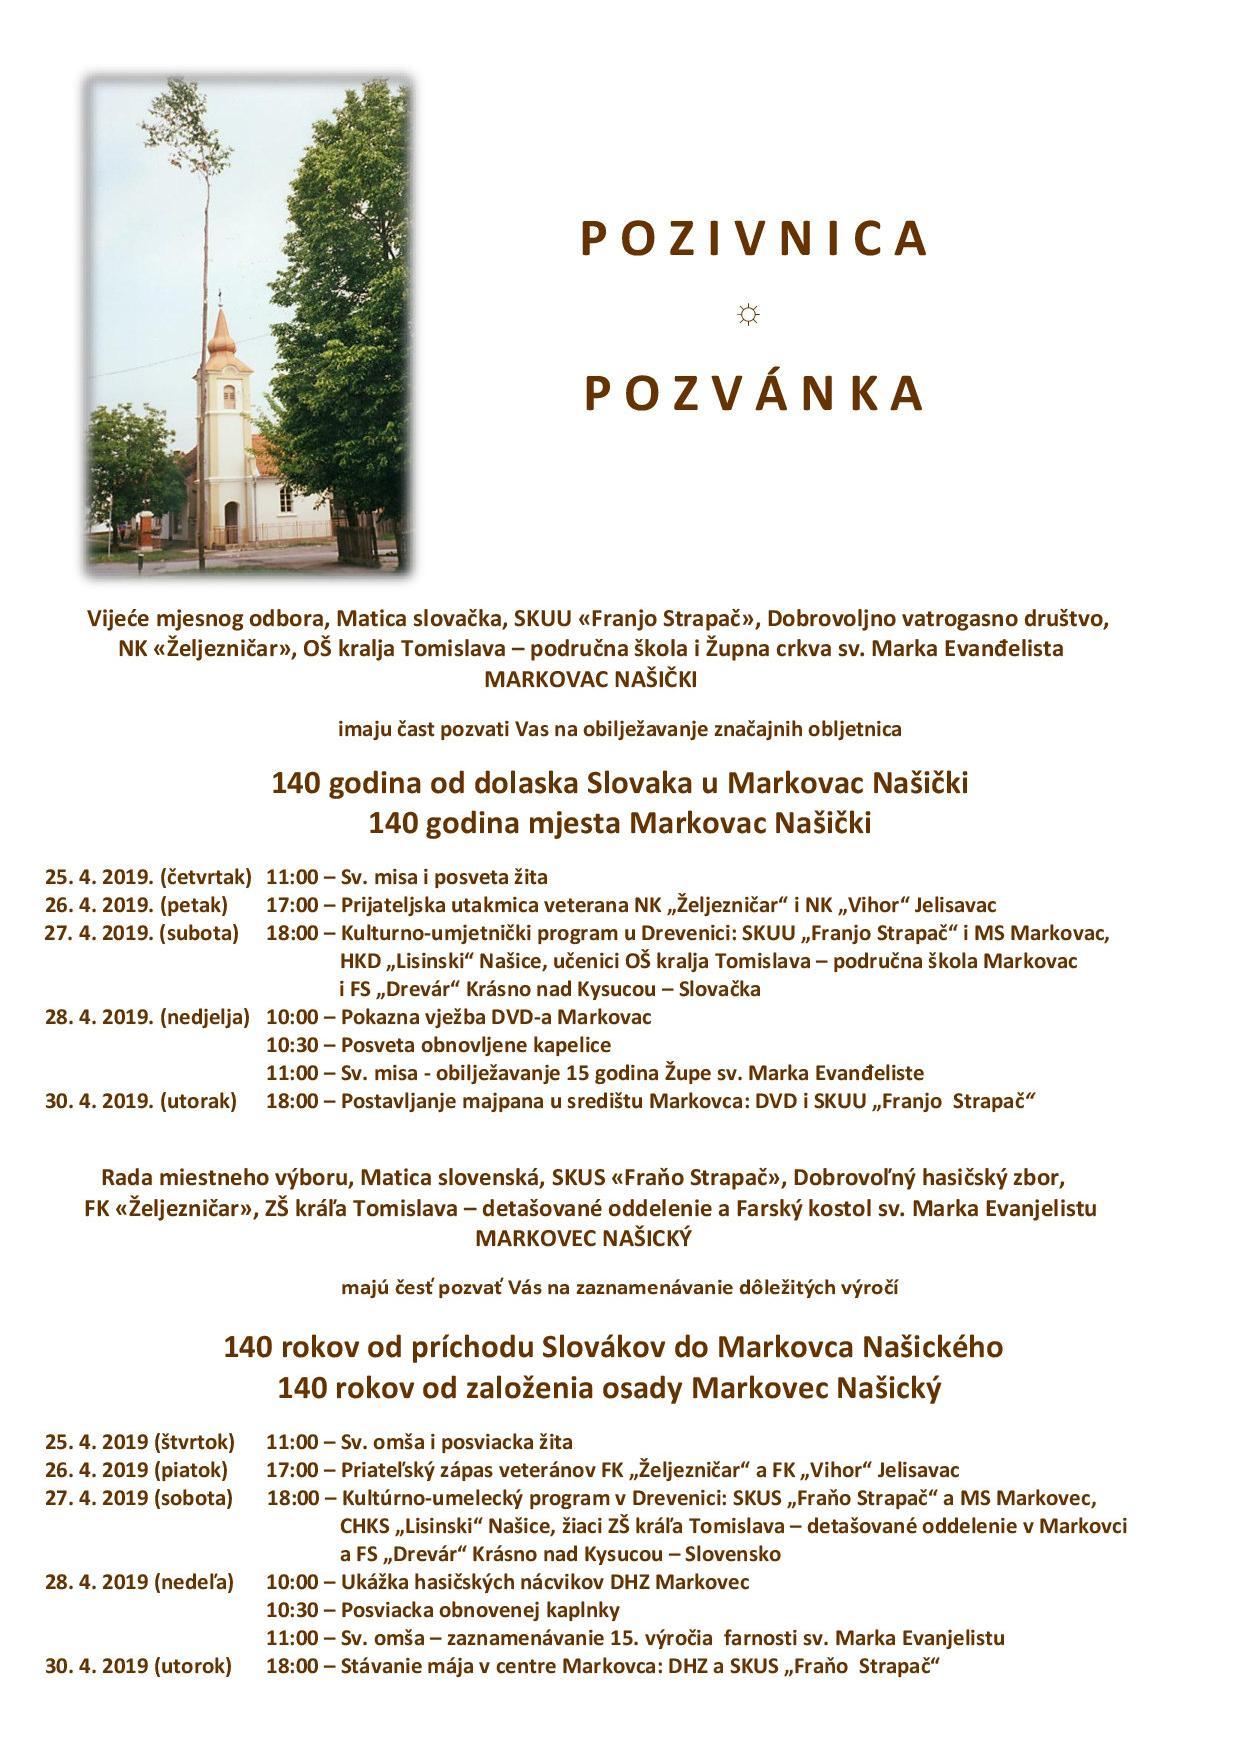 Markovčani slave 140 obljetnicu dolaska Slovaka u Markovac Našički